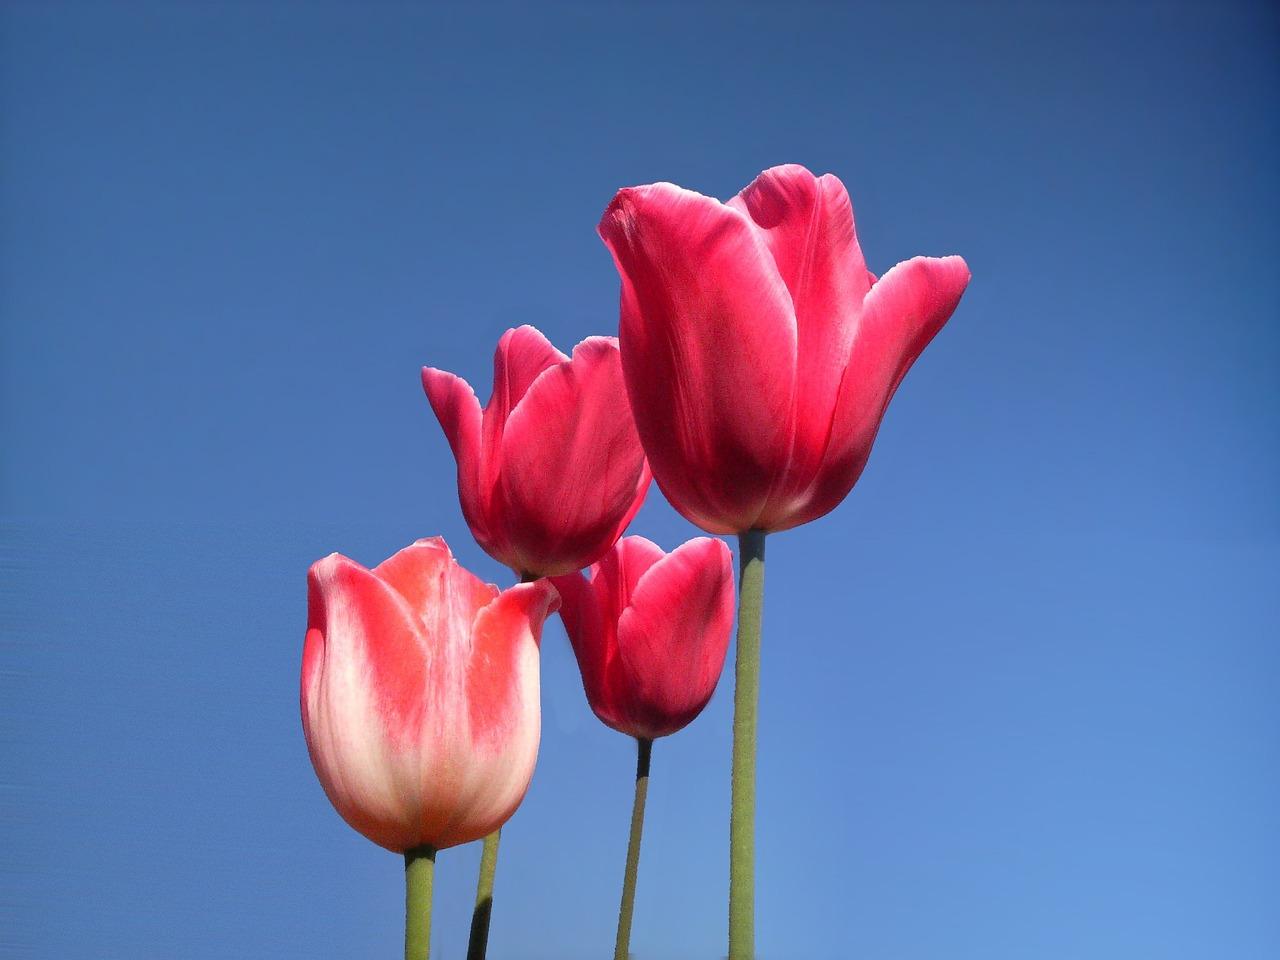 использующаяся картинка из трех тюльпанов новогодняя картинка обои